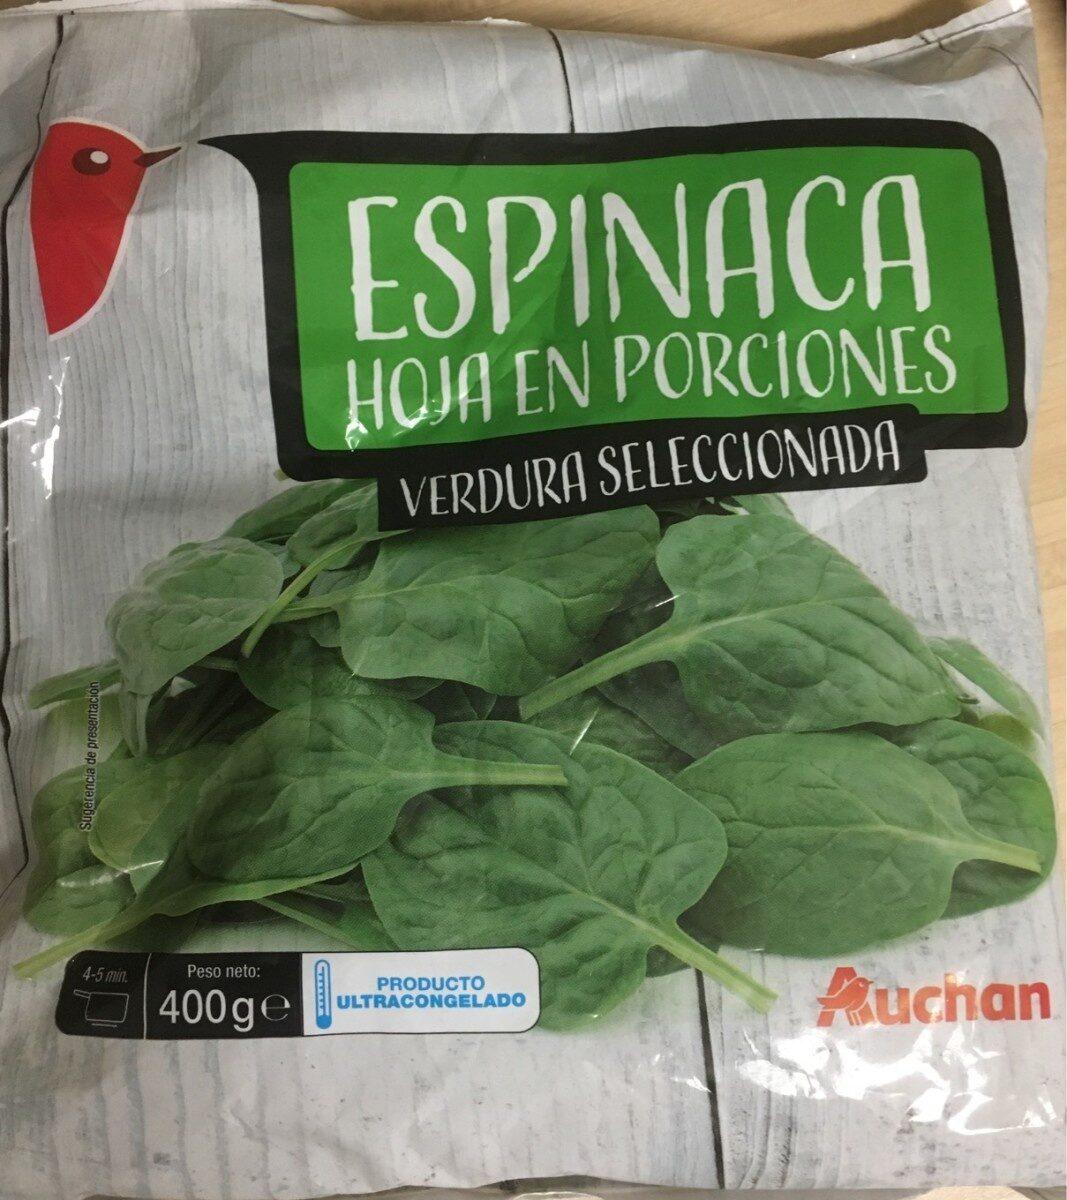 Espinacas en porciones - Producto